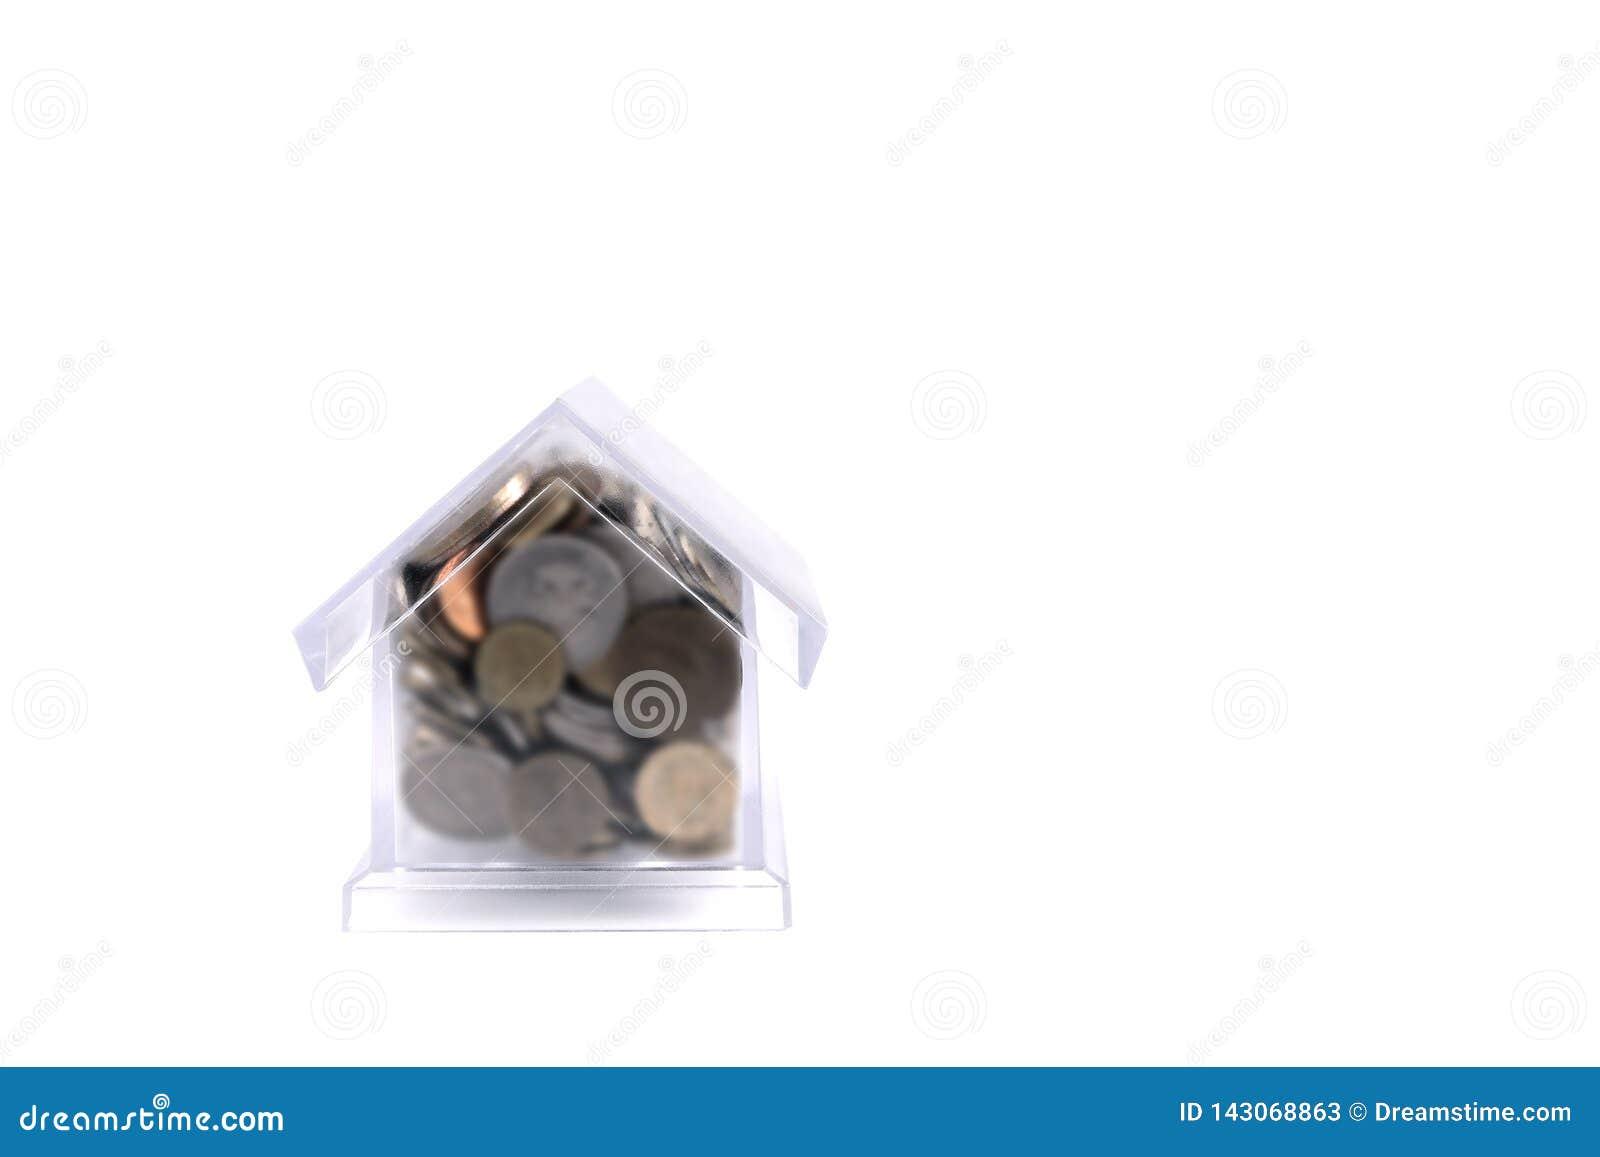 Casa-porco com uma tubulação Casa plástica transparente em um fundo branco Nas moedas do metal do mealheiro de diferente